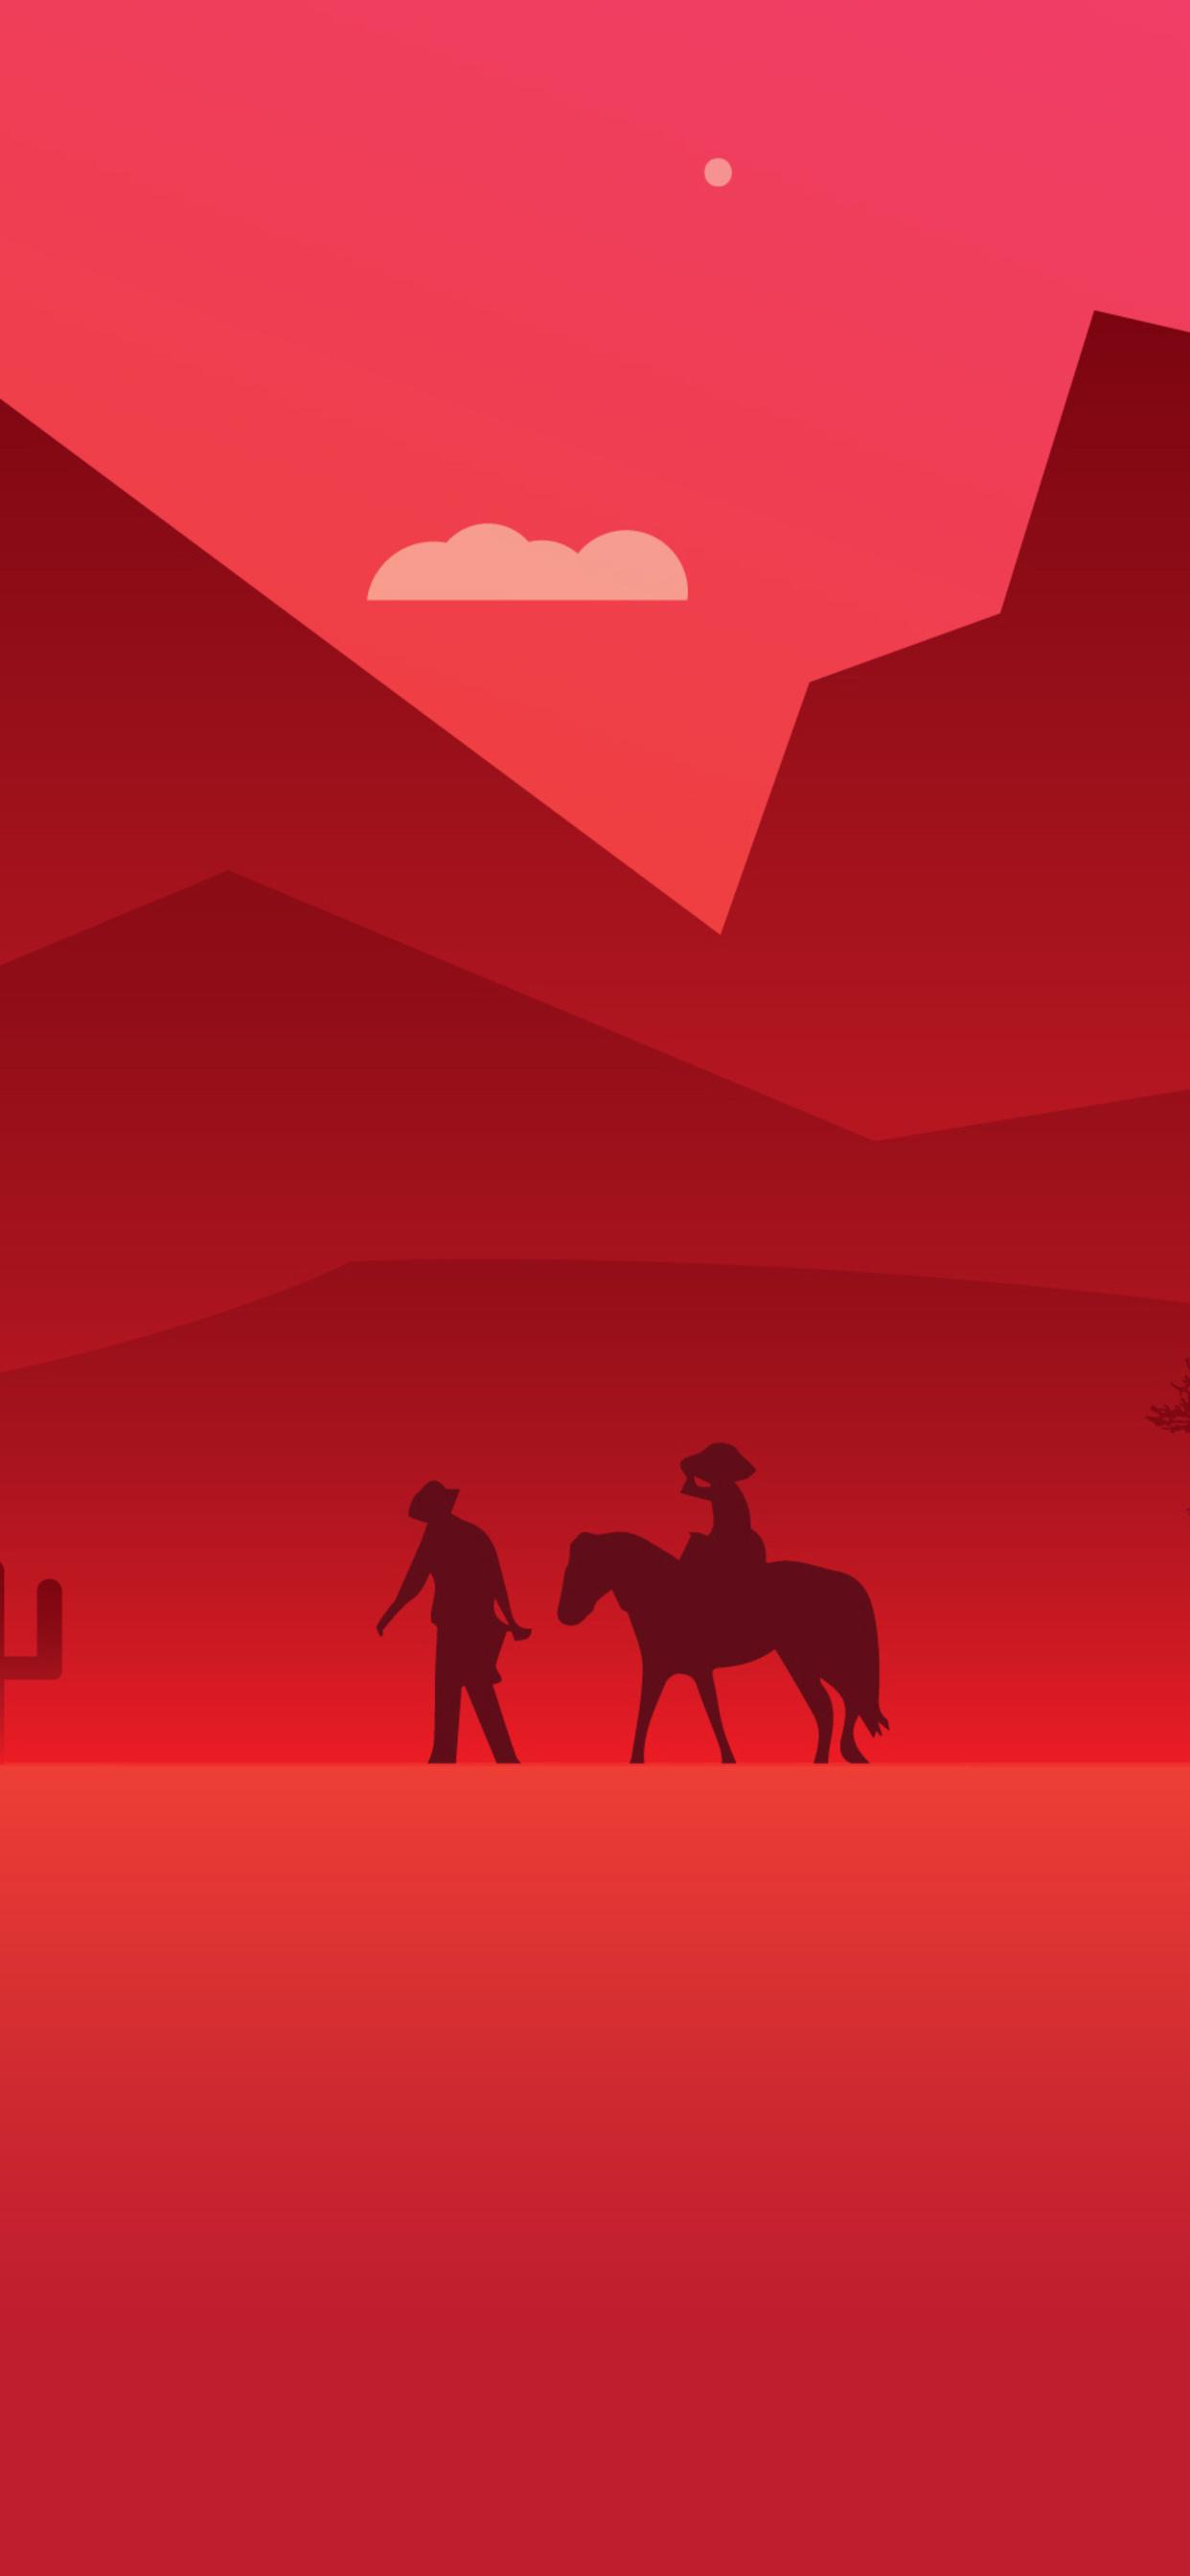 red-dead-redemption-2-minimalist-art-eg.jpg